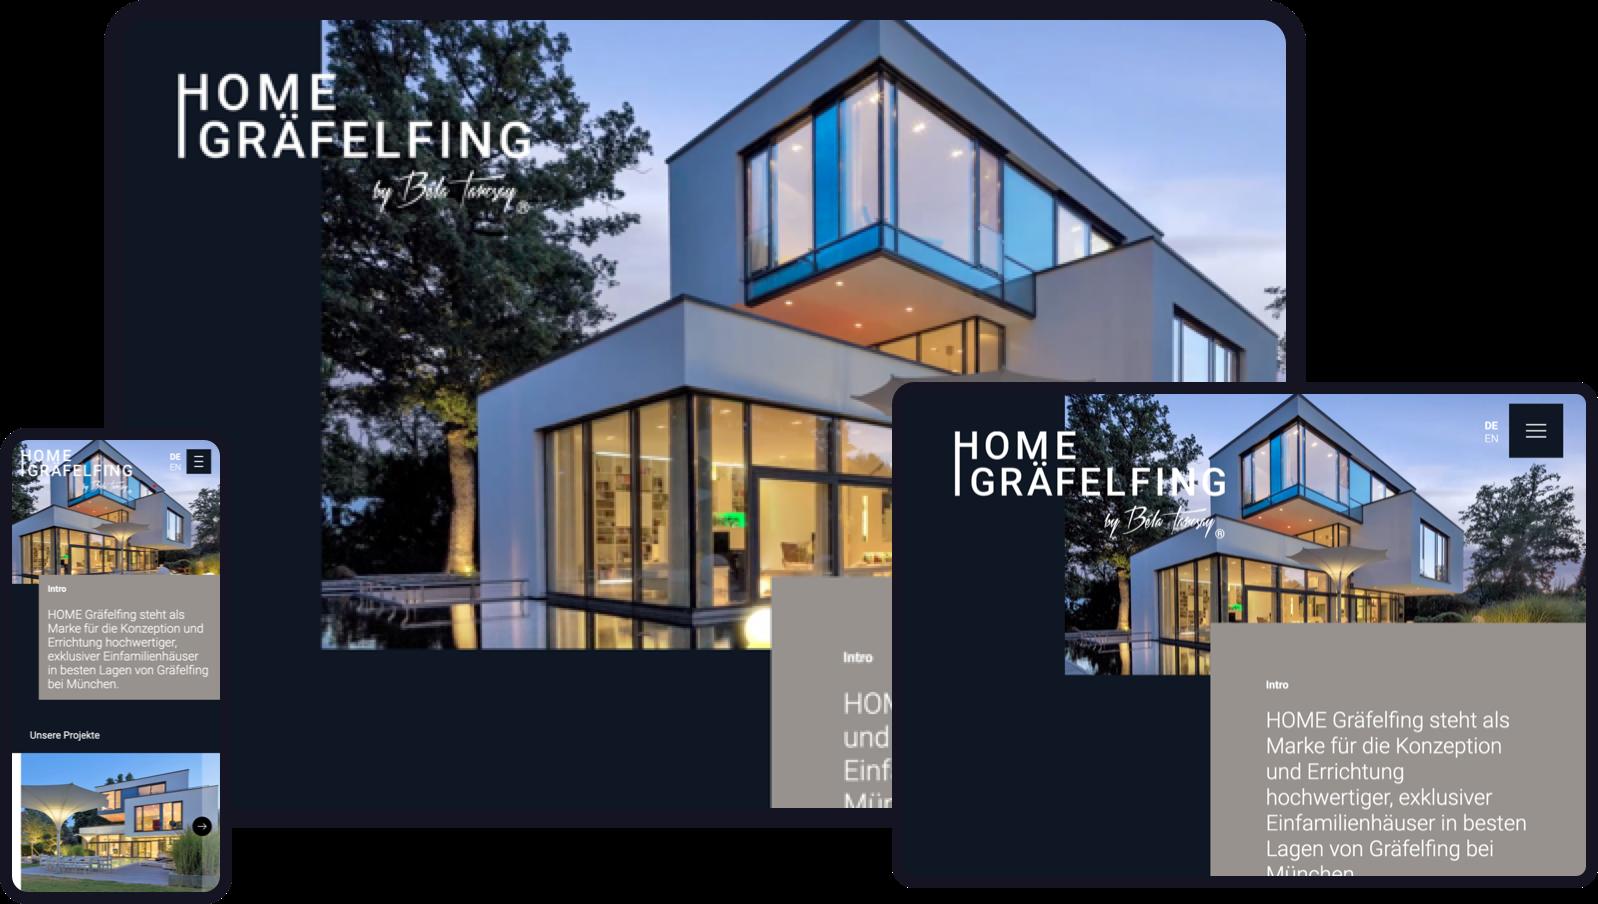 Überarbeitung des Brandings eines Projektentwicklers, Gestaltung einer neuen Homepage.